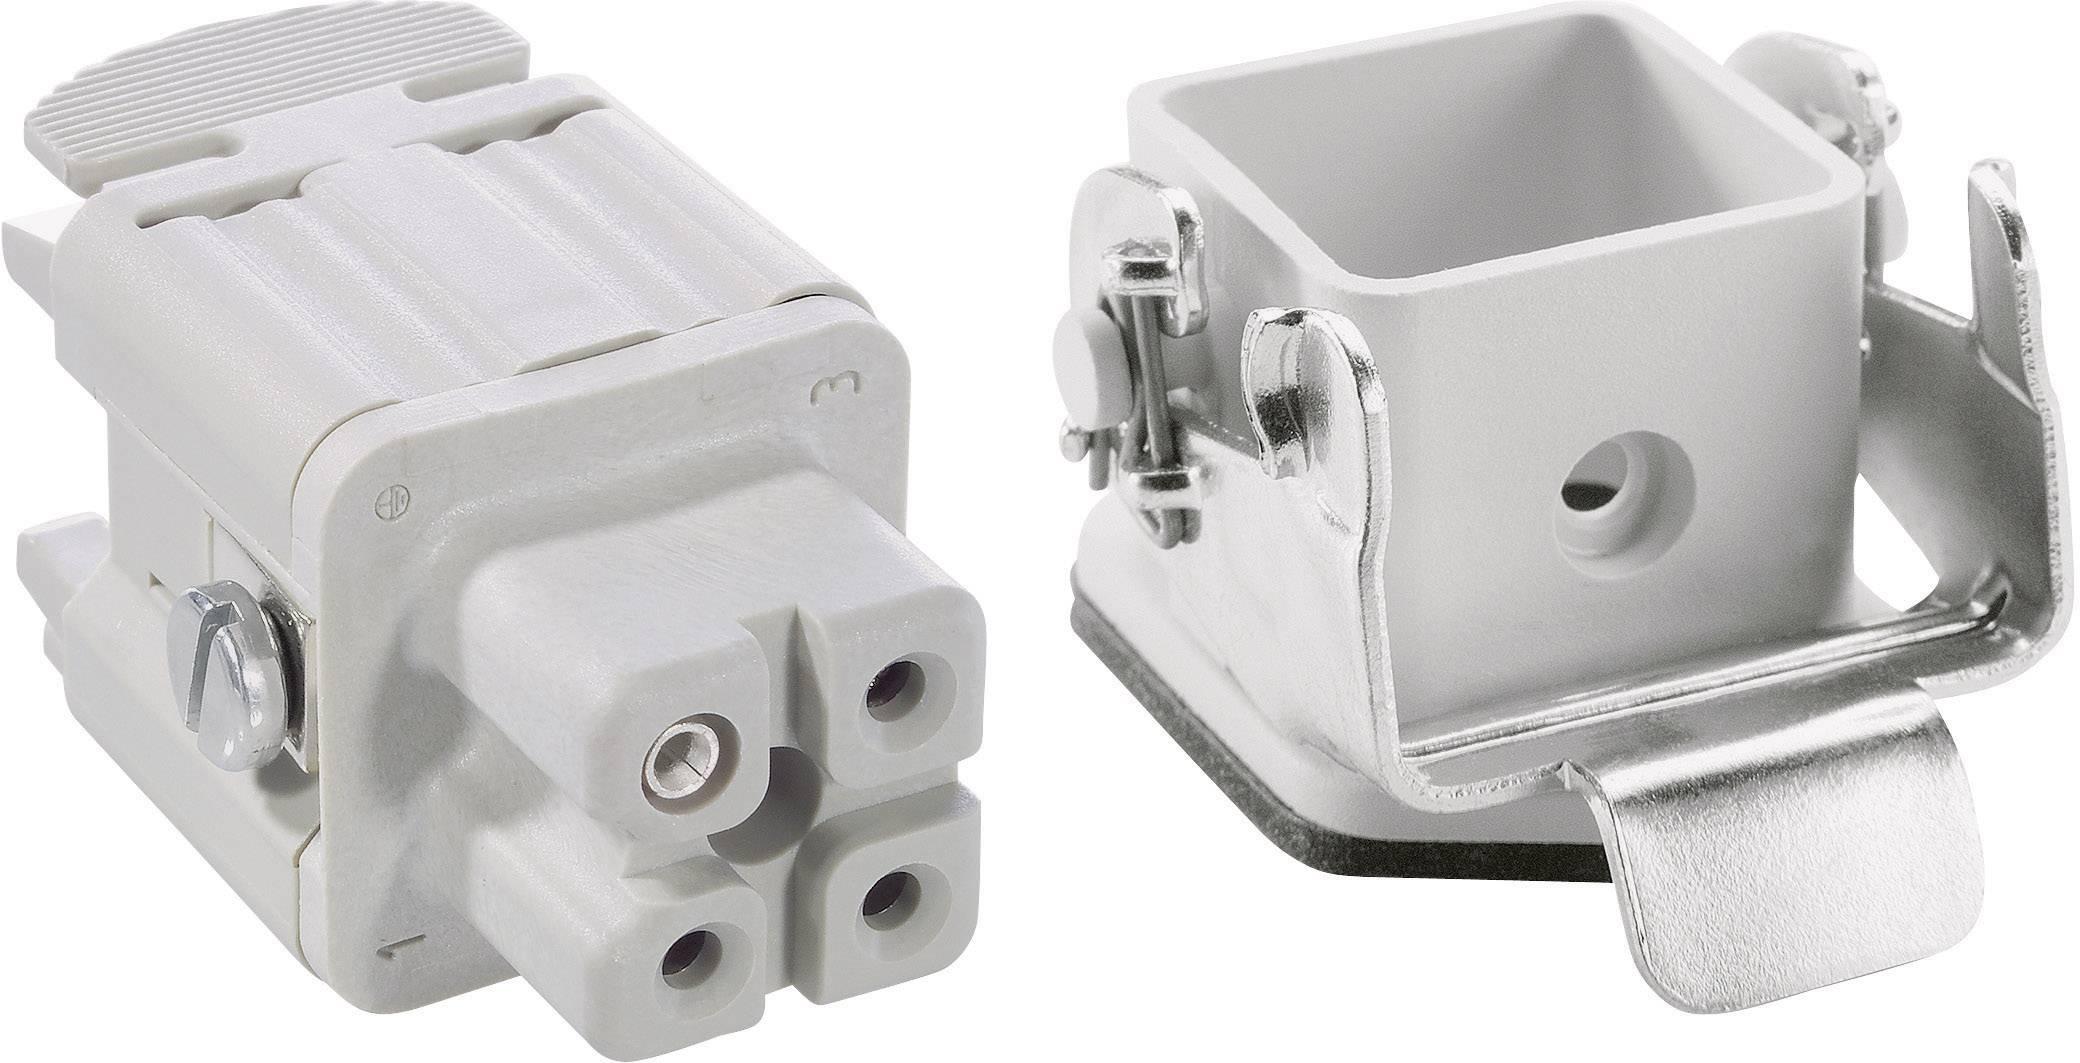 Sada konektorů EPIC®KIT H-A 3 75009605 LappKabel 3 + PE šroubovací 1 sada